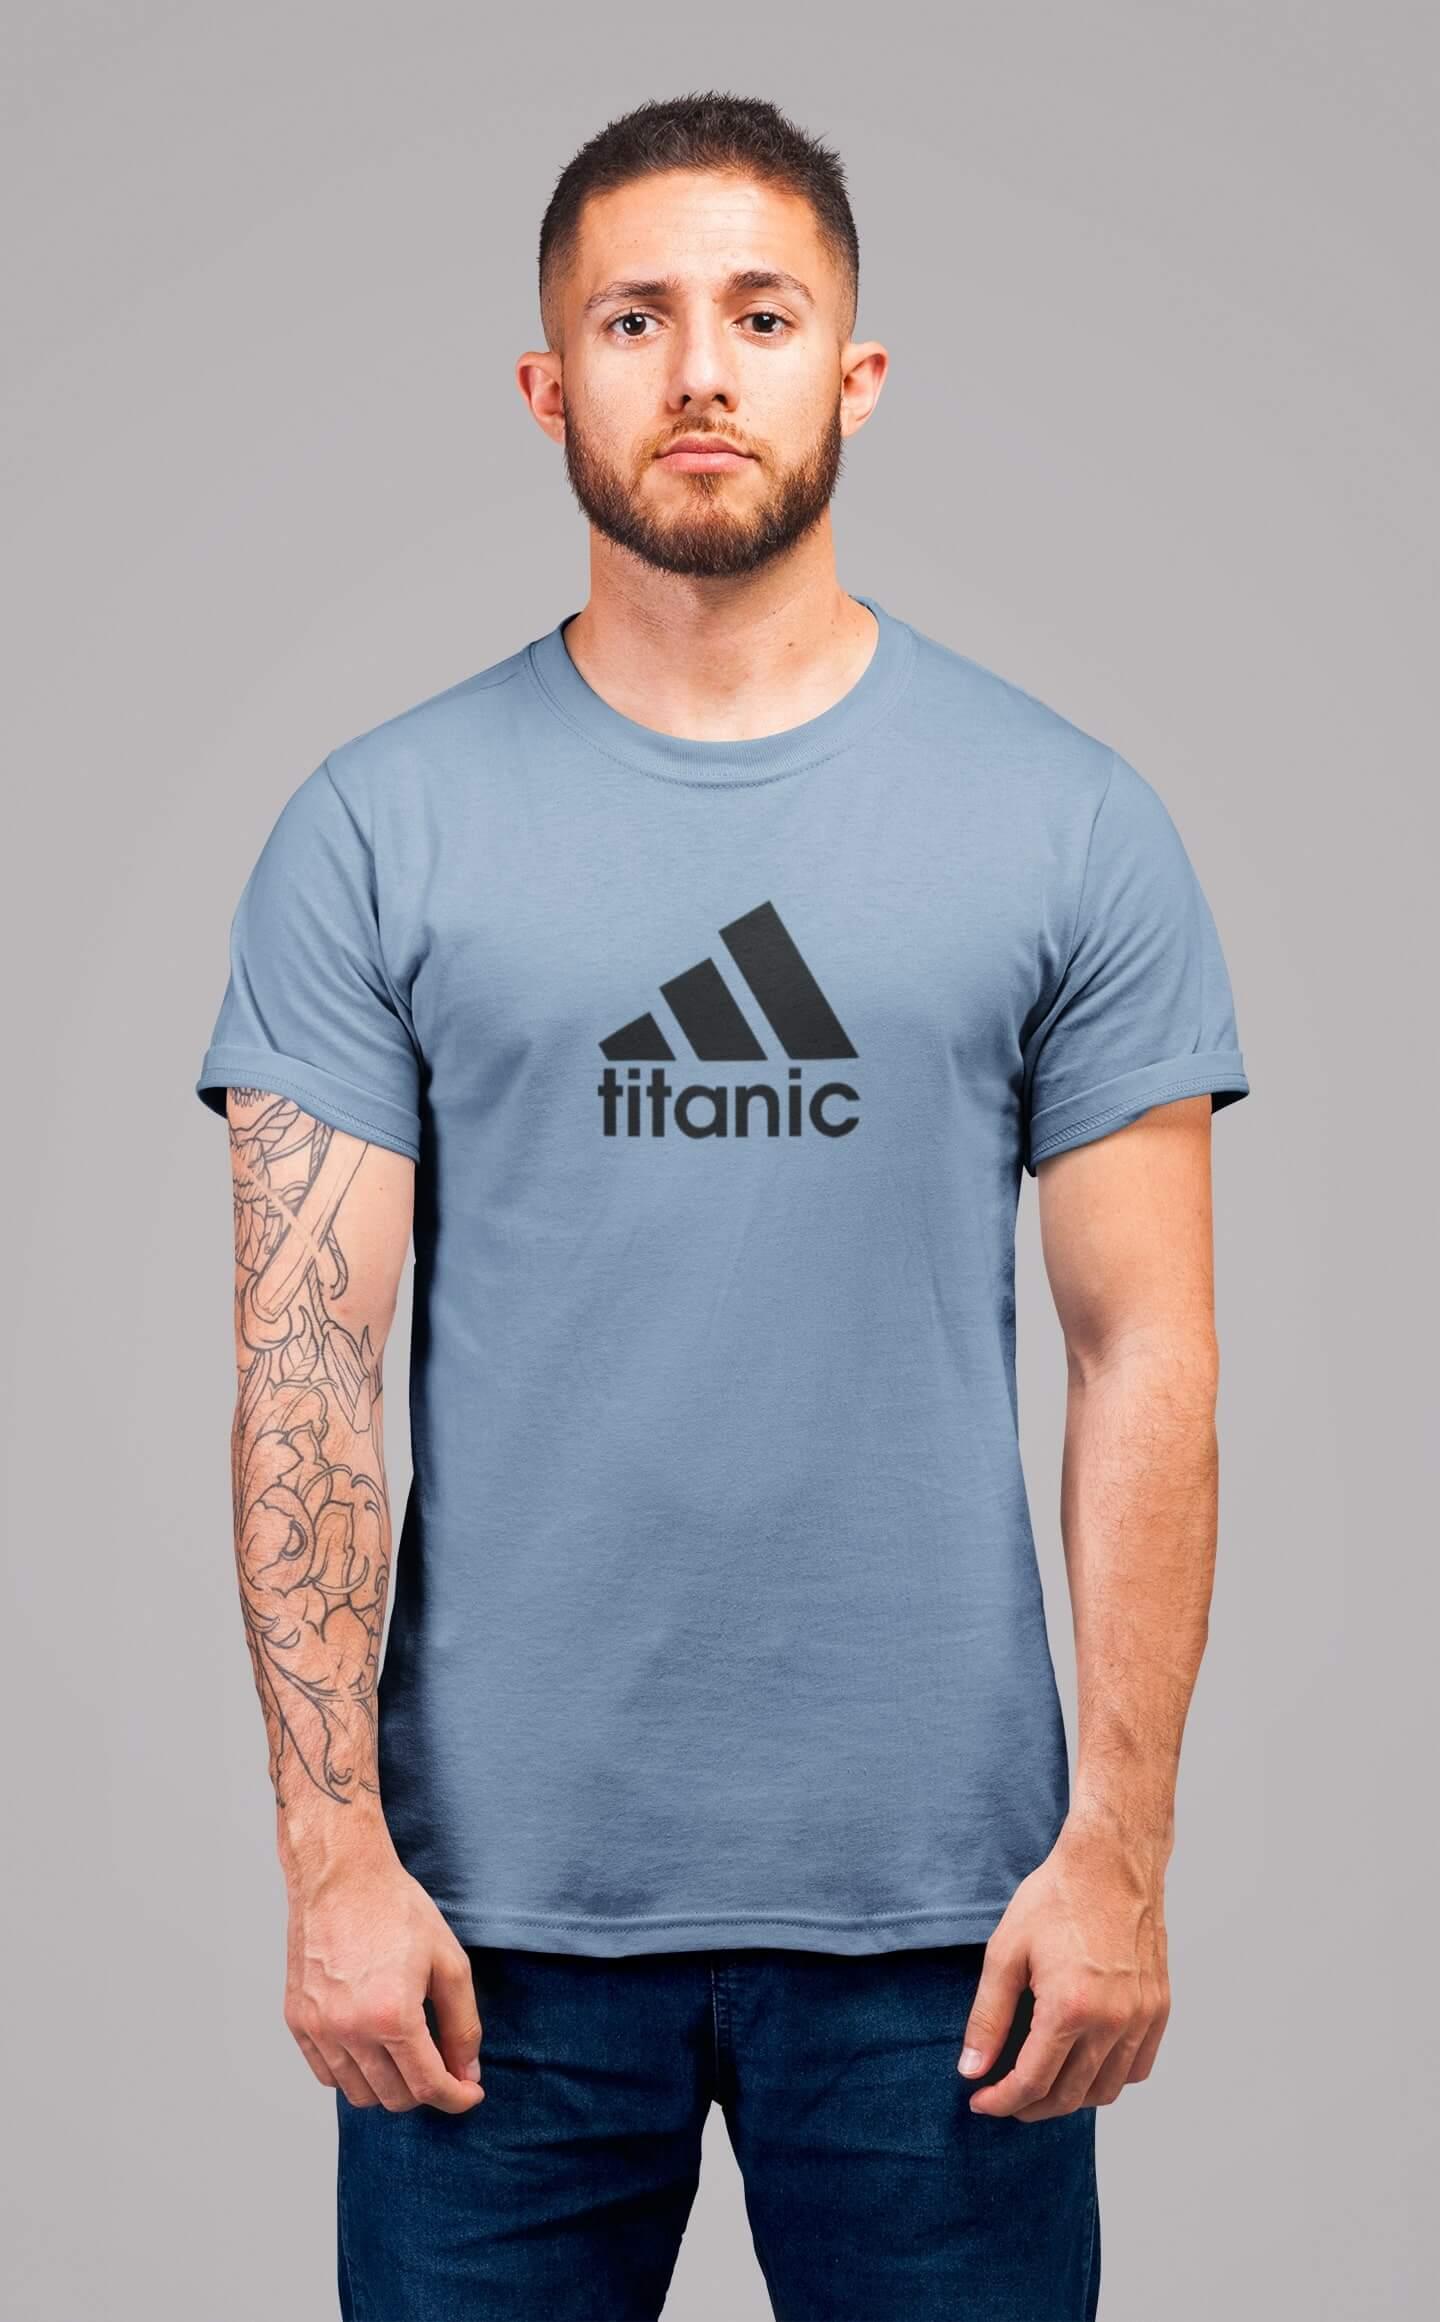 MMO Pánske tričko Titanic Vyberte farbu: Nebeská modrá, Vyberte veľkosť: XL